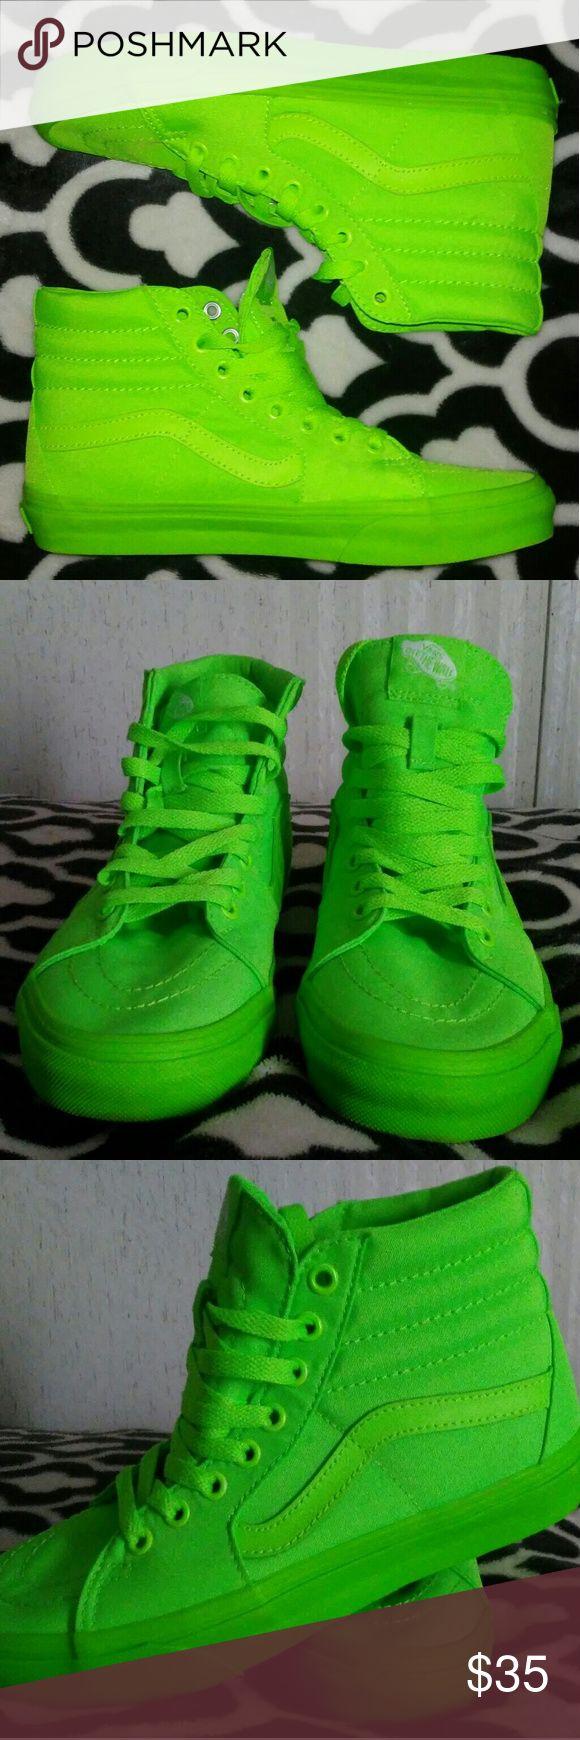 Vans High Top Neon Green Shoes Bright neon green vans. Like new. Unisex. Men 5.5 Women 7 Vans Shoes Sneakers